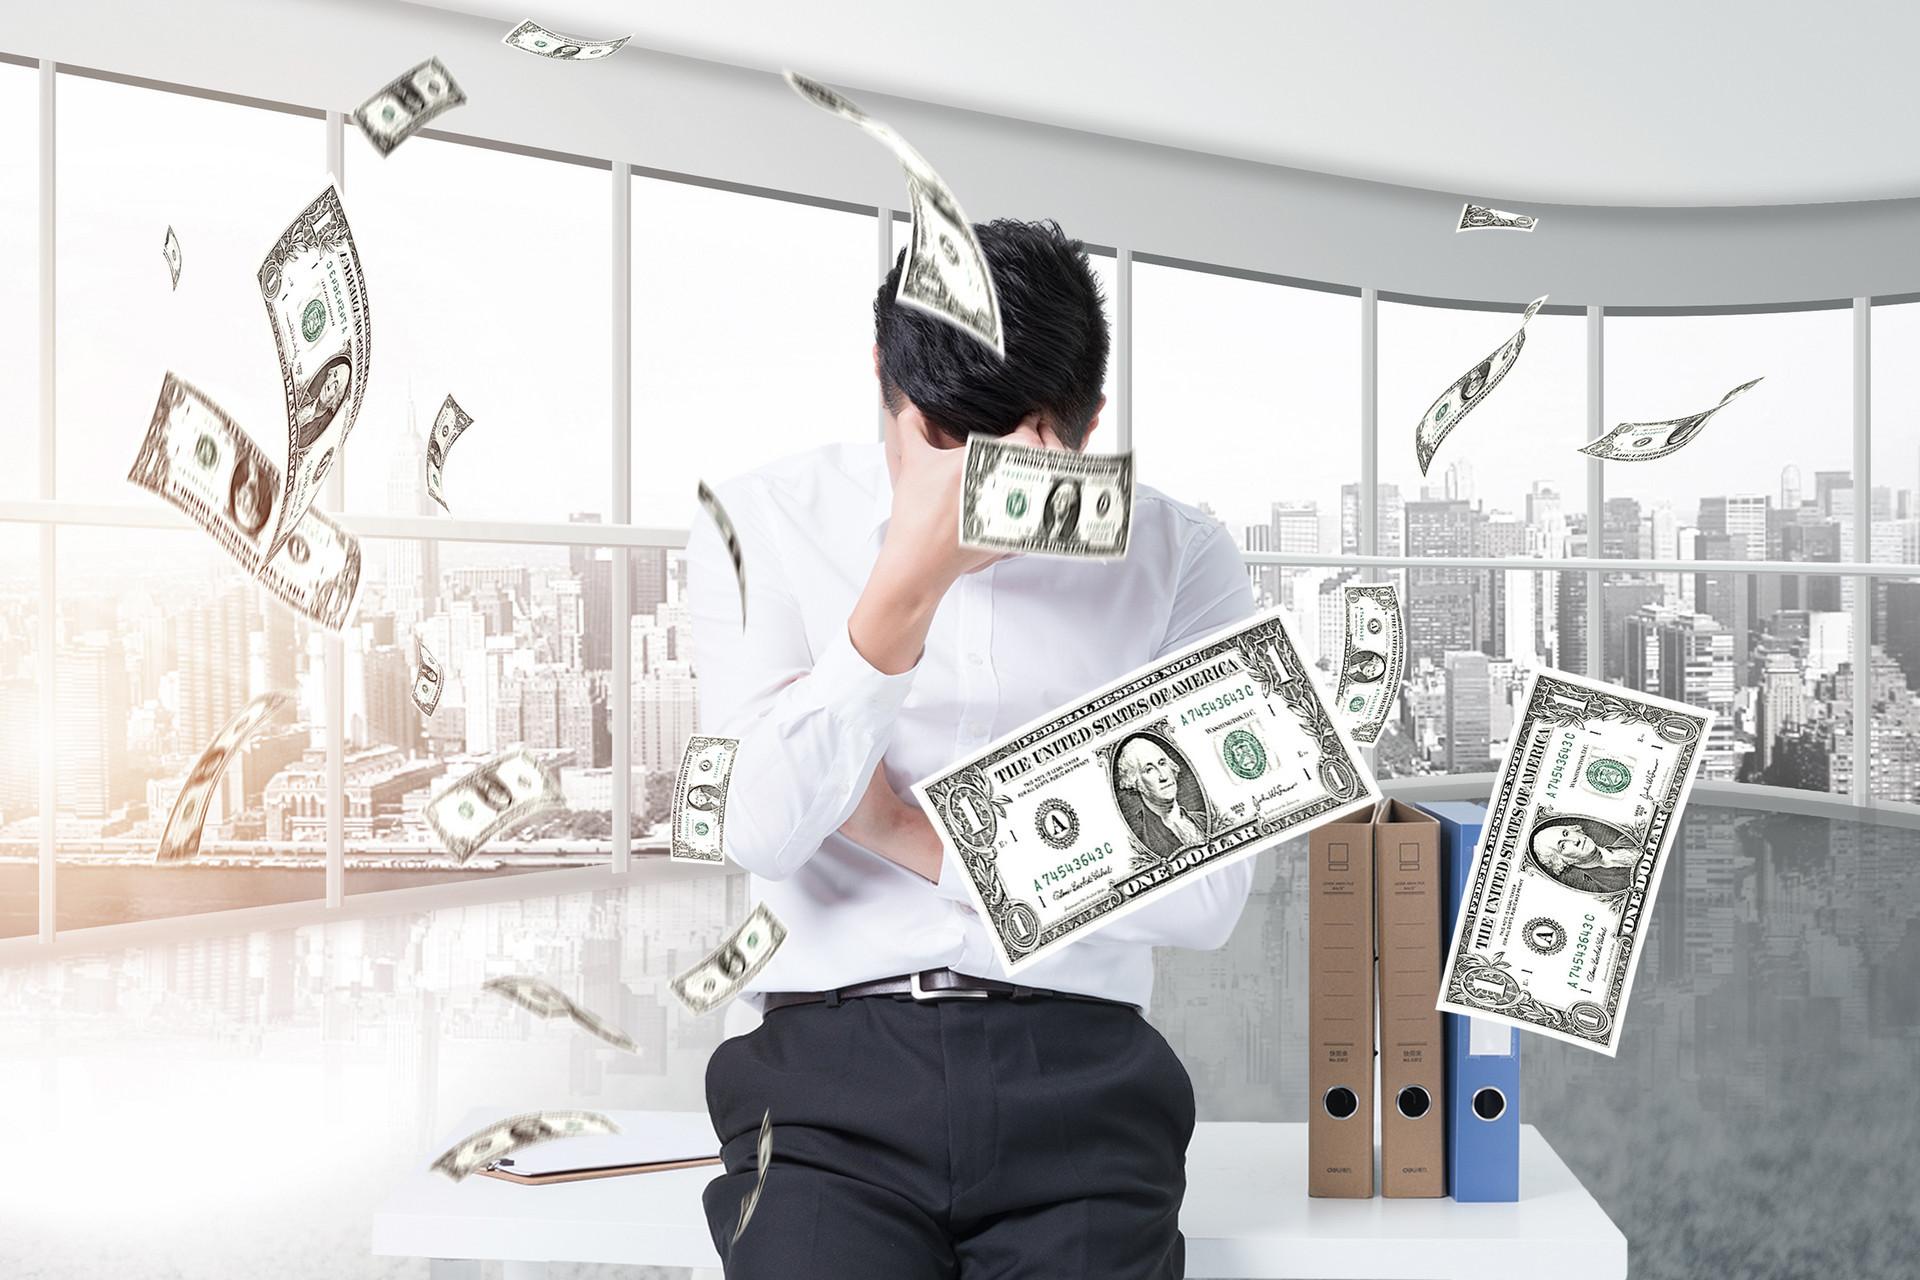 執行財產身處疫情重區   百瑞信托深陷和昌置業超4億債務泥潭